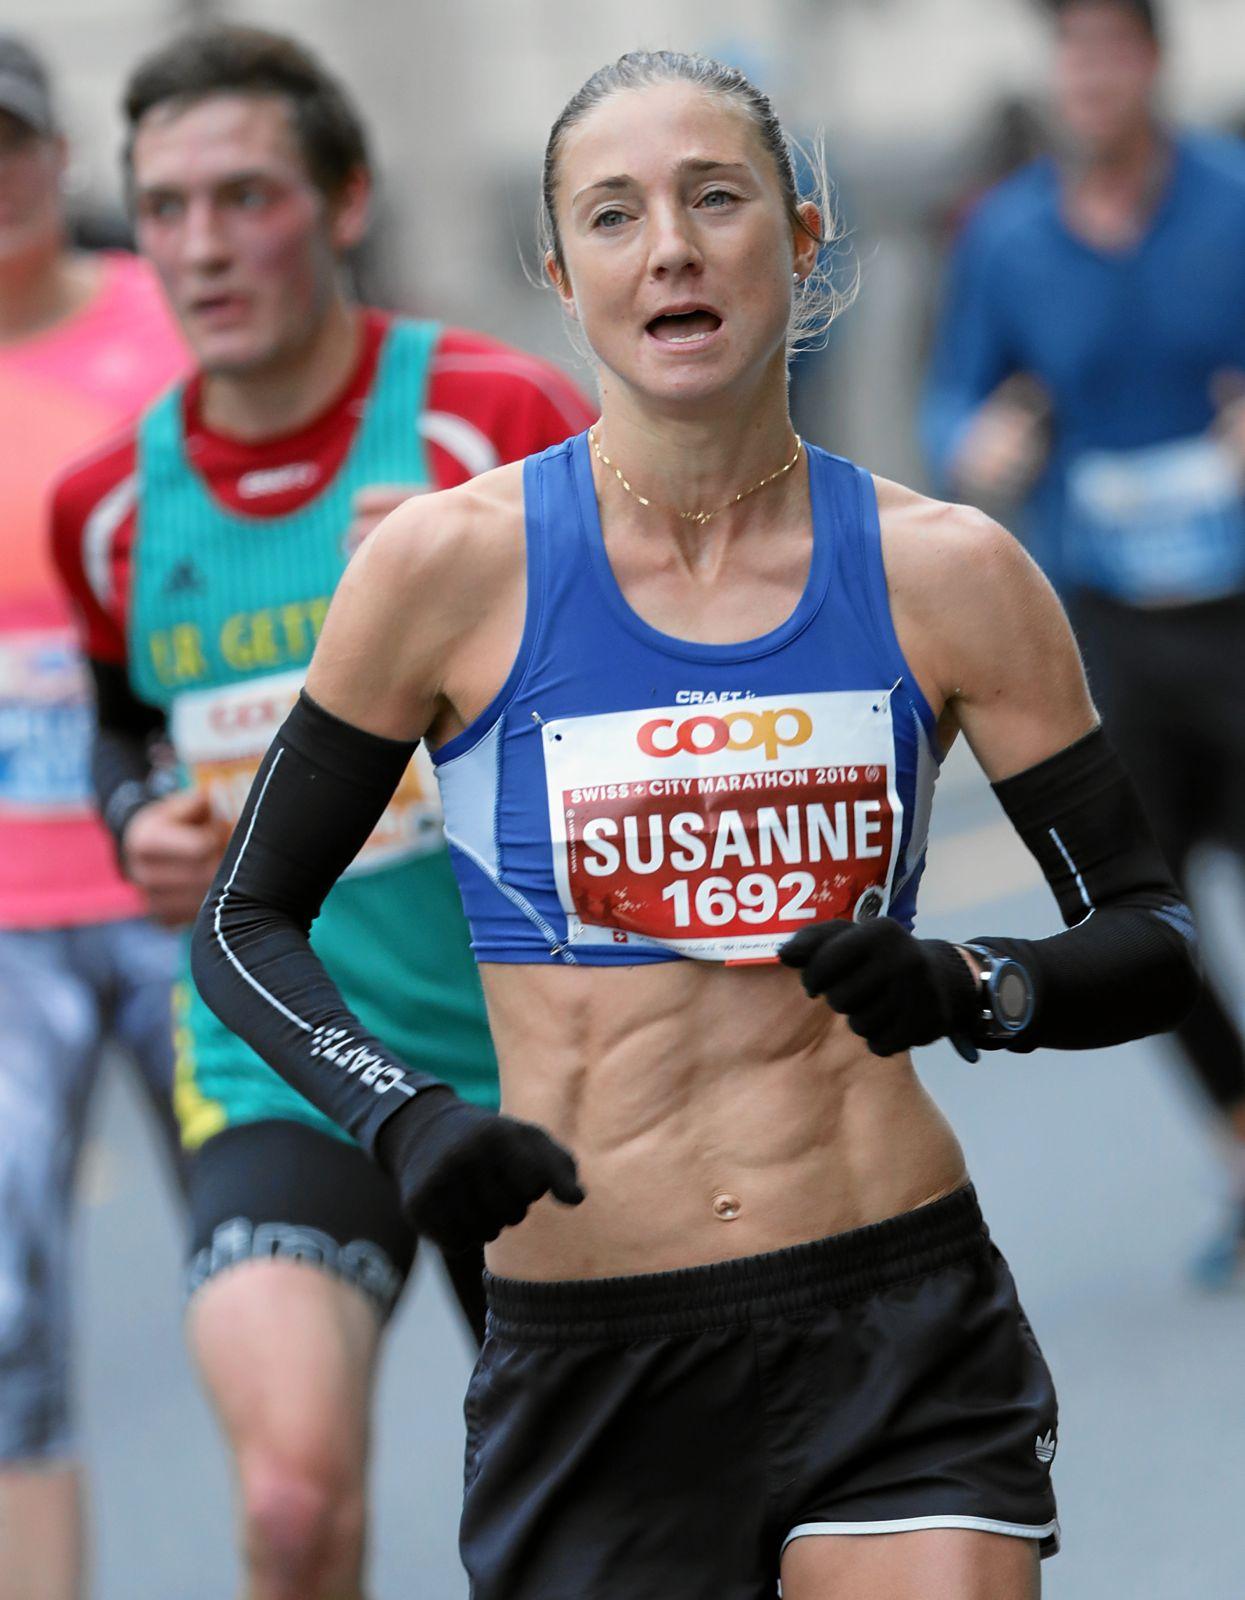 Susanne Rüegger auf dem Weg zum Sieg am 10. Swiss City Marathon in Luzern. «Von solchen Sixpacks können viele Männer nur träumen», schrieb der Fotograf in der Bildunterschrift.